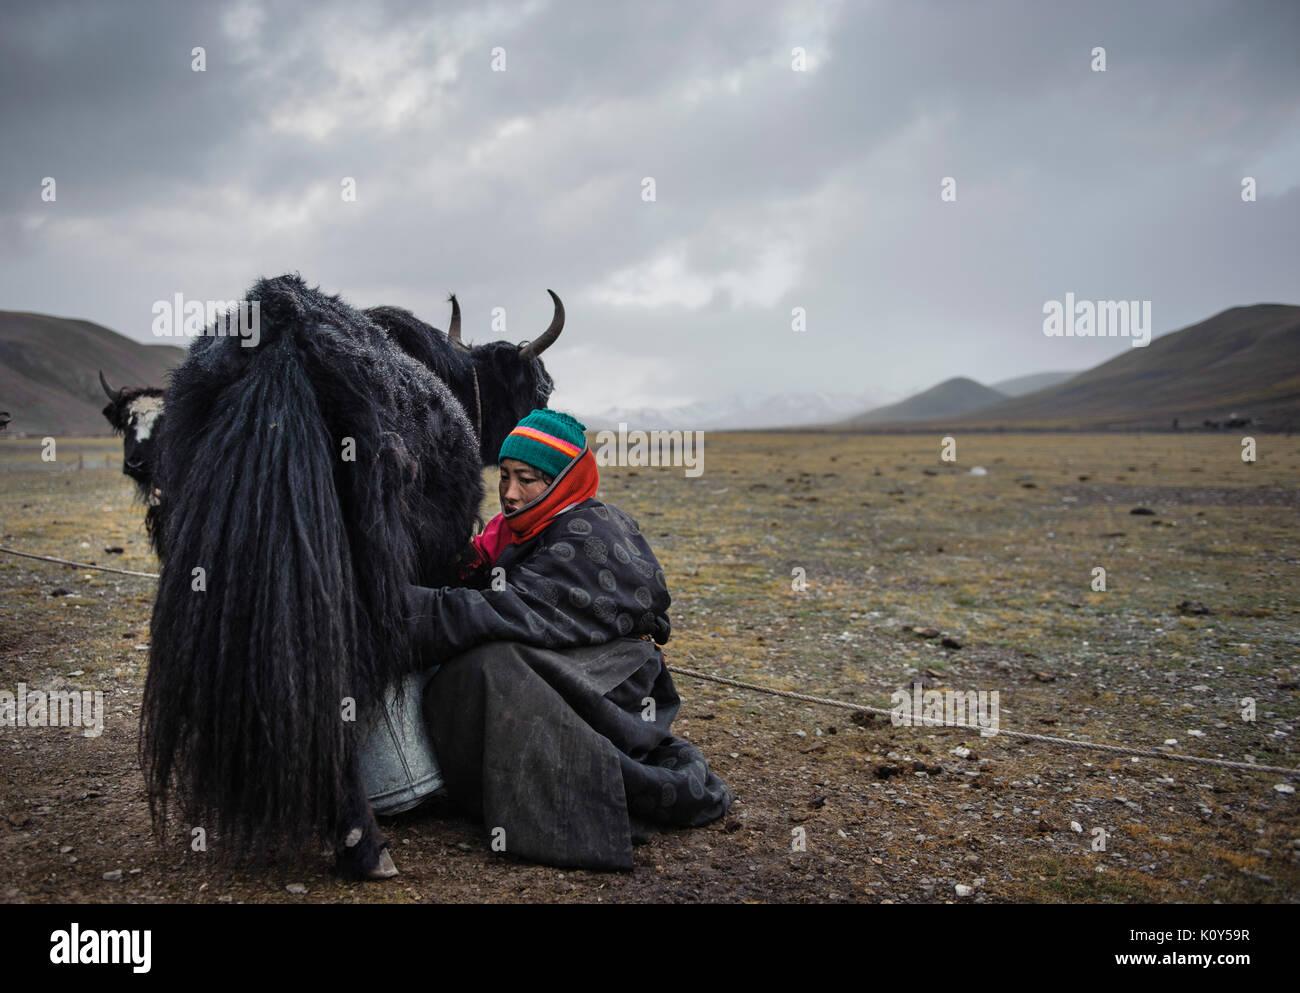 Al final de cada jornada los nómadas tibetanos tienen la difícil tarea de organizar y su vinculación a los yaks alrededor de sus campamentos. Meseta Tibetana Imagen De Stock